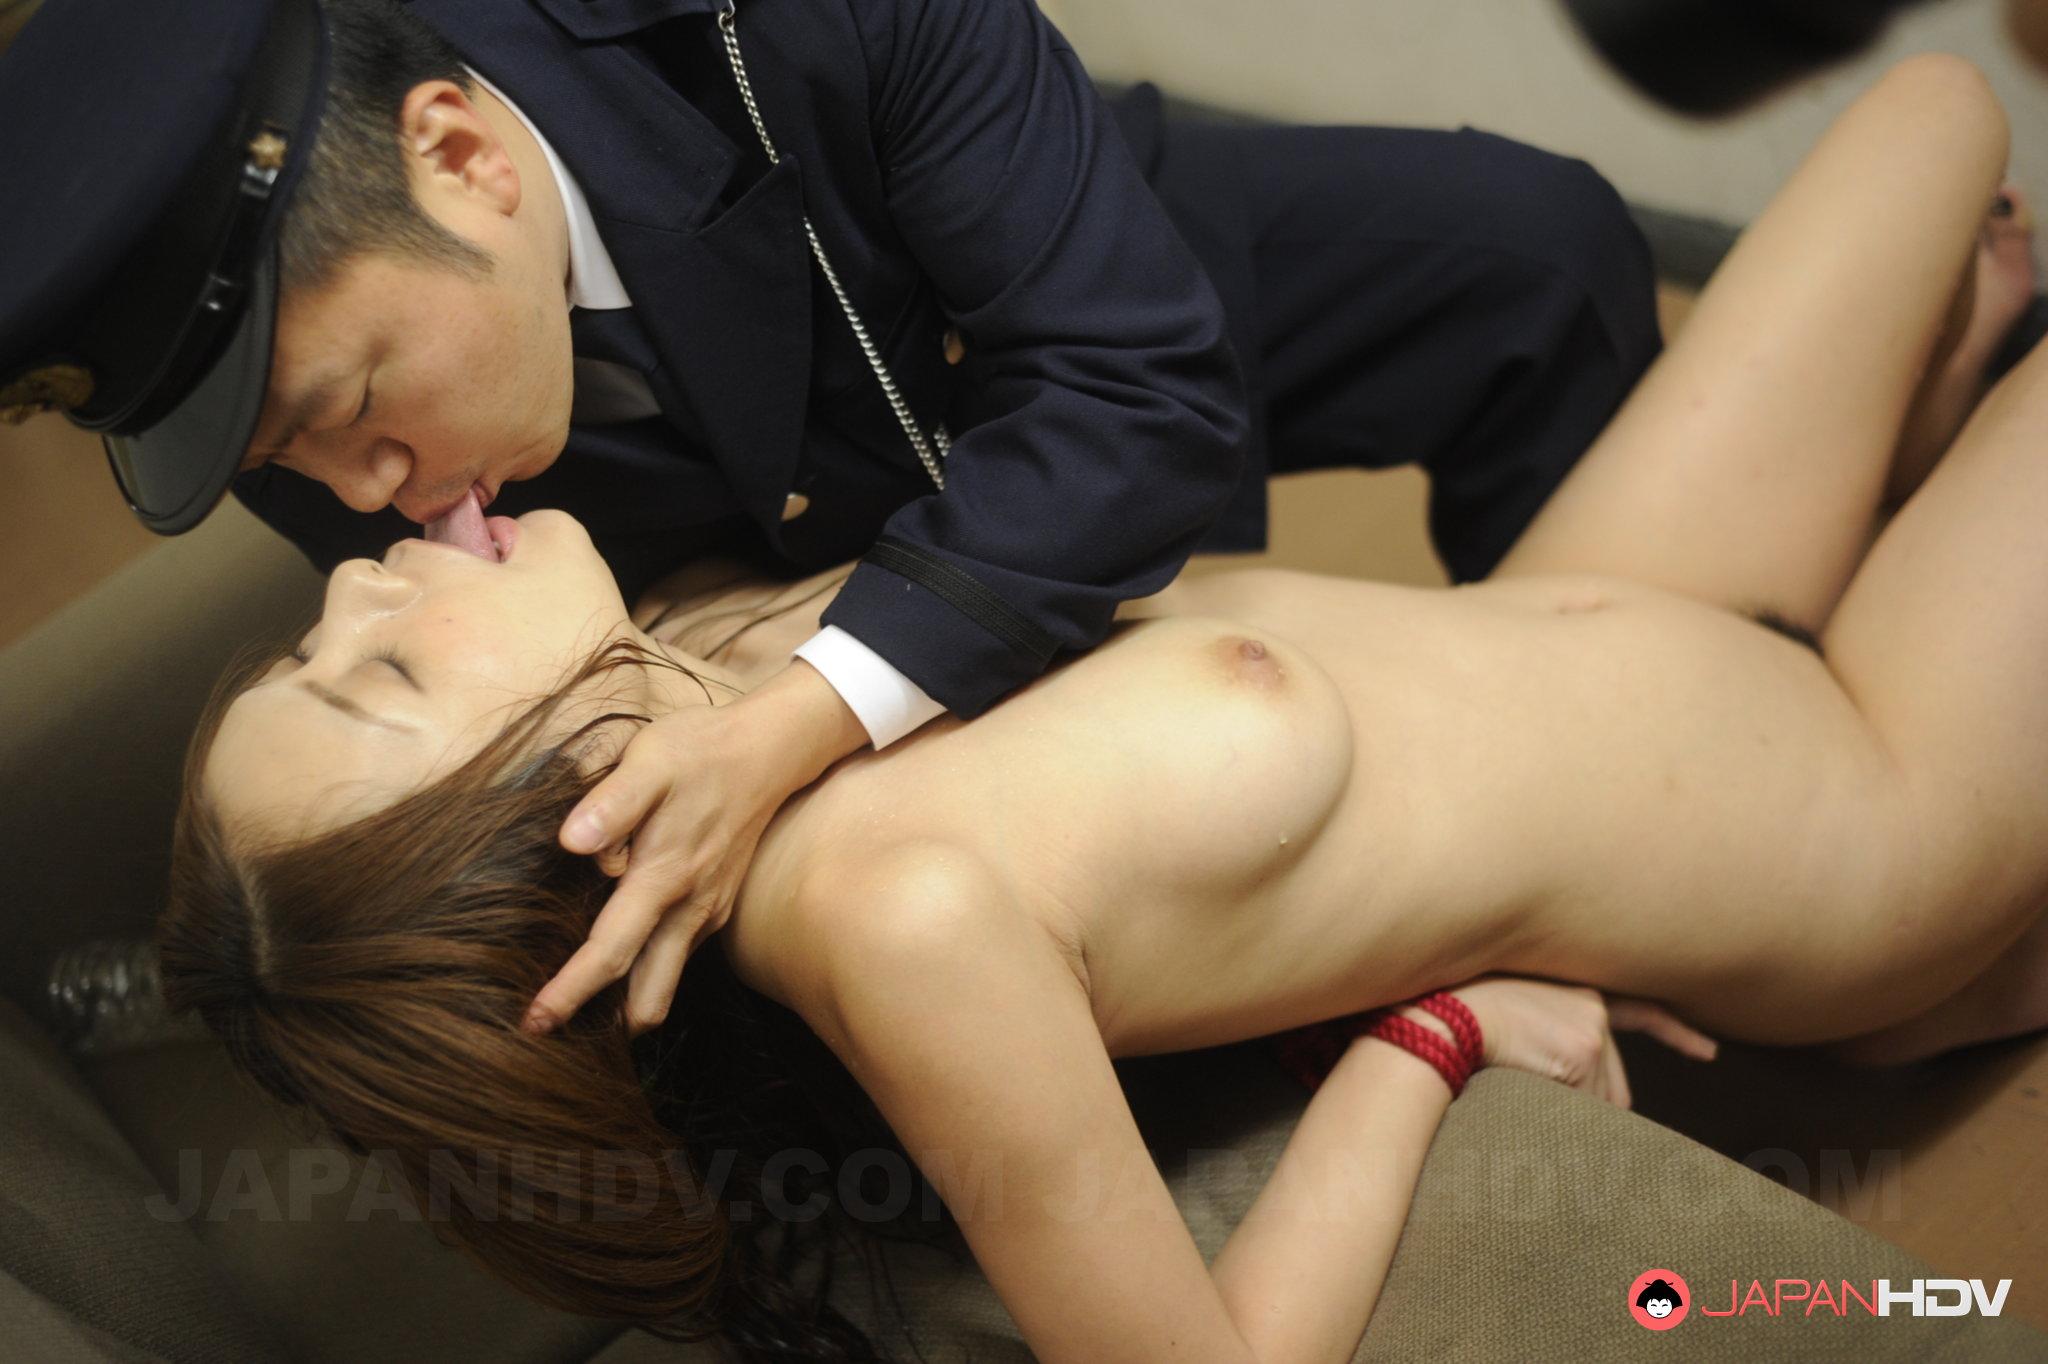 Super hot brunette whore gets banged so hard adult gallery Japan HDV